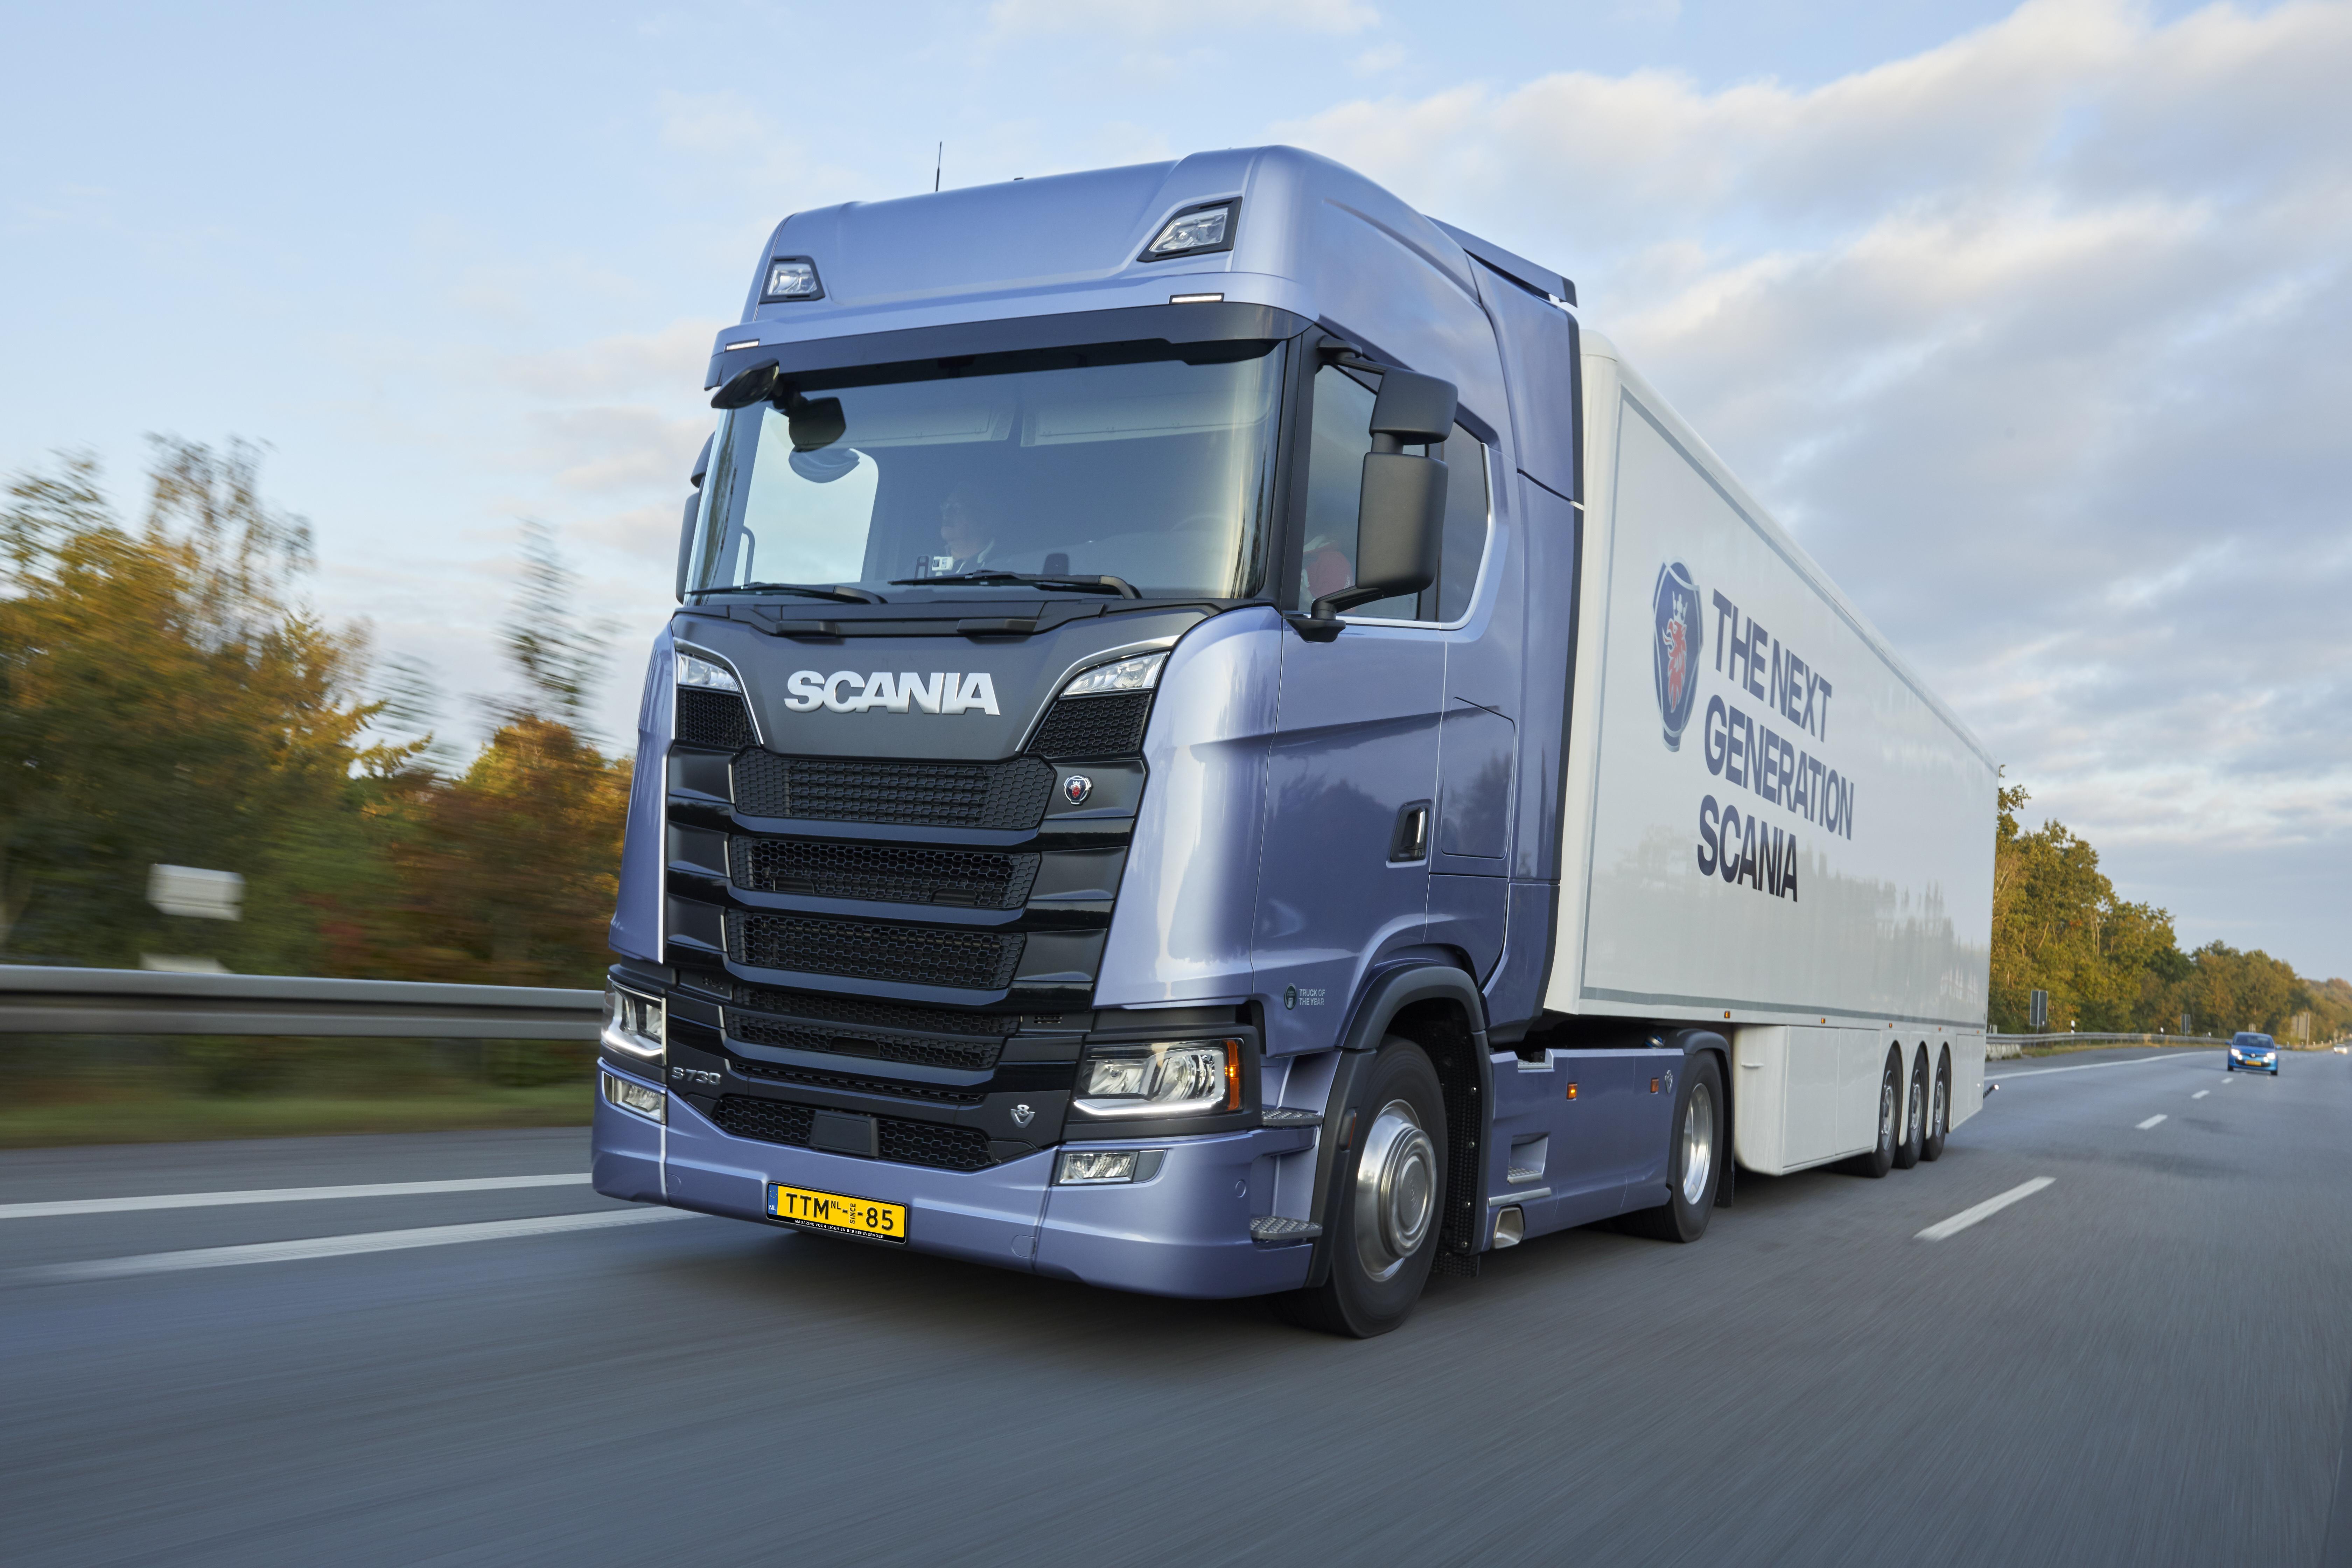 Scania S730 Specs